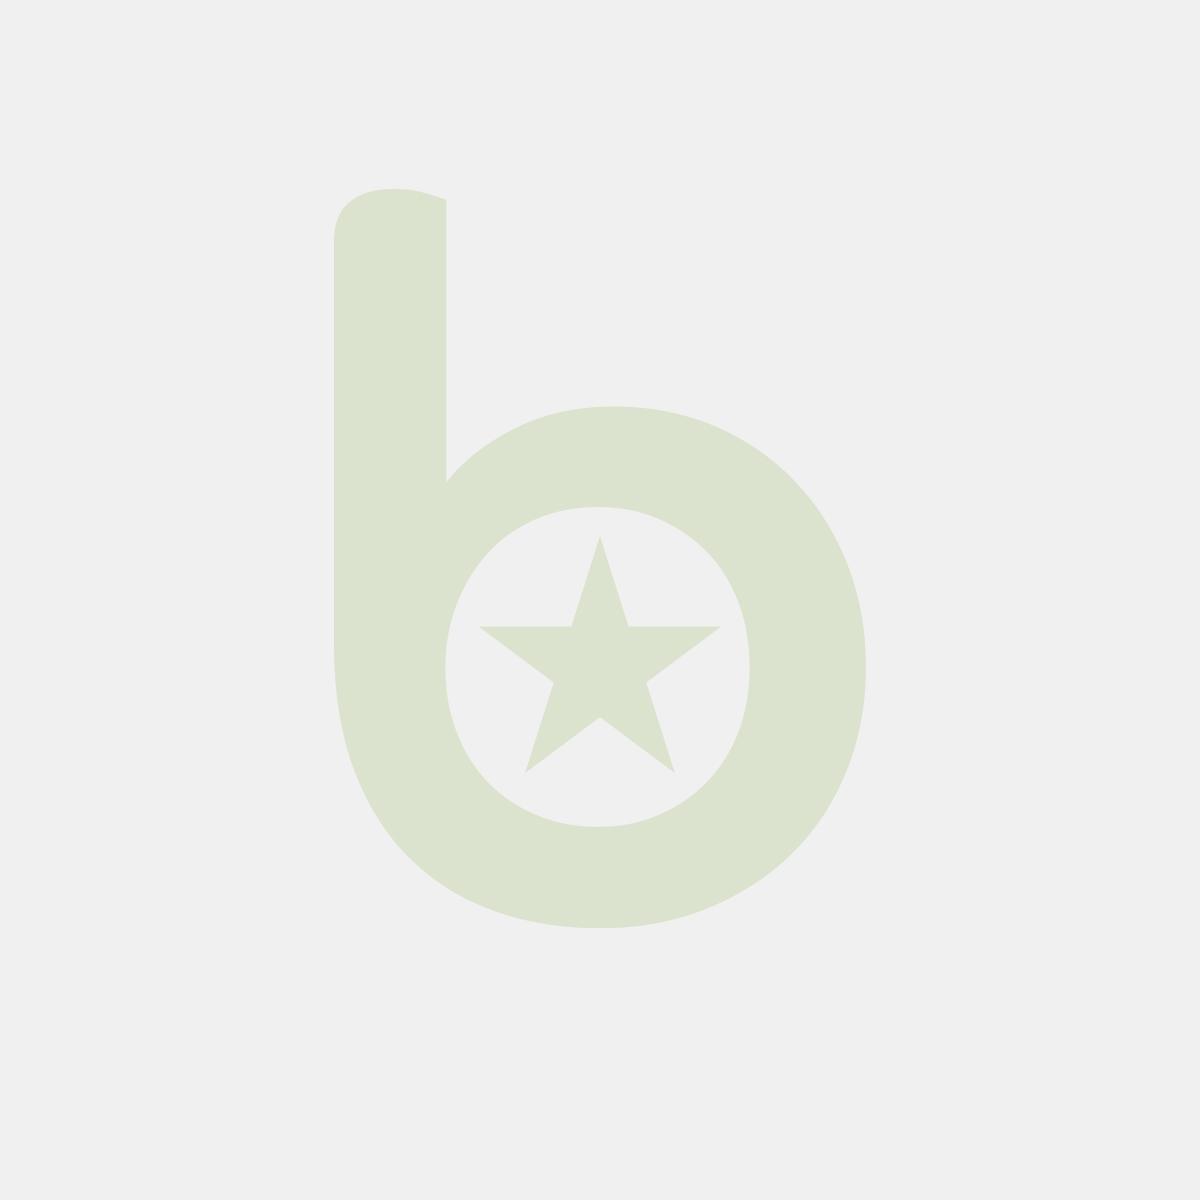 Bloczek samoprzylepny POST-IT® Super Sticky (622-12SSRIO-EU), 47,6x47,6mm, 12x90 kart., paleta Rio de Janeiro